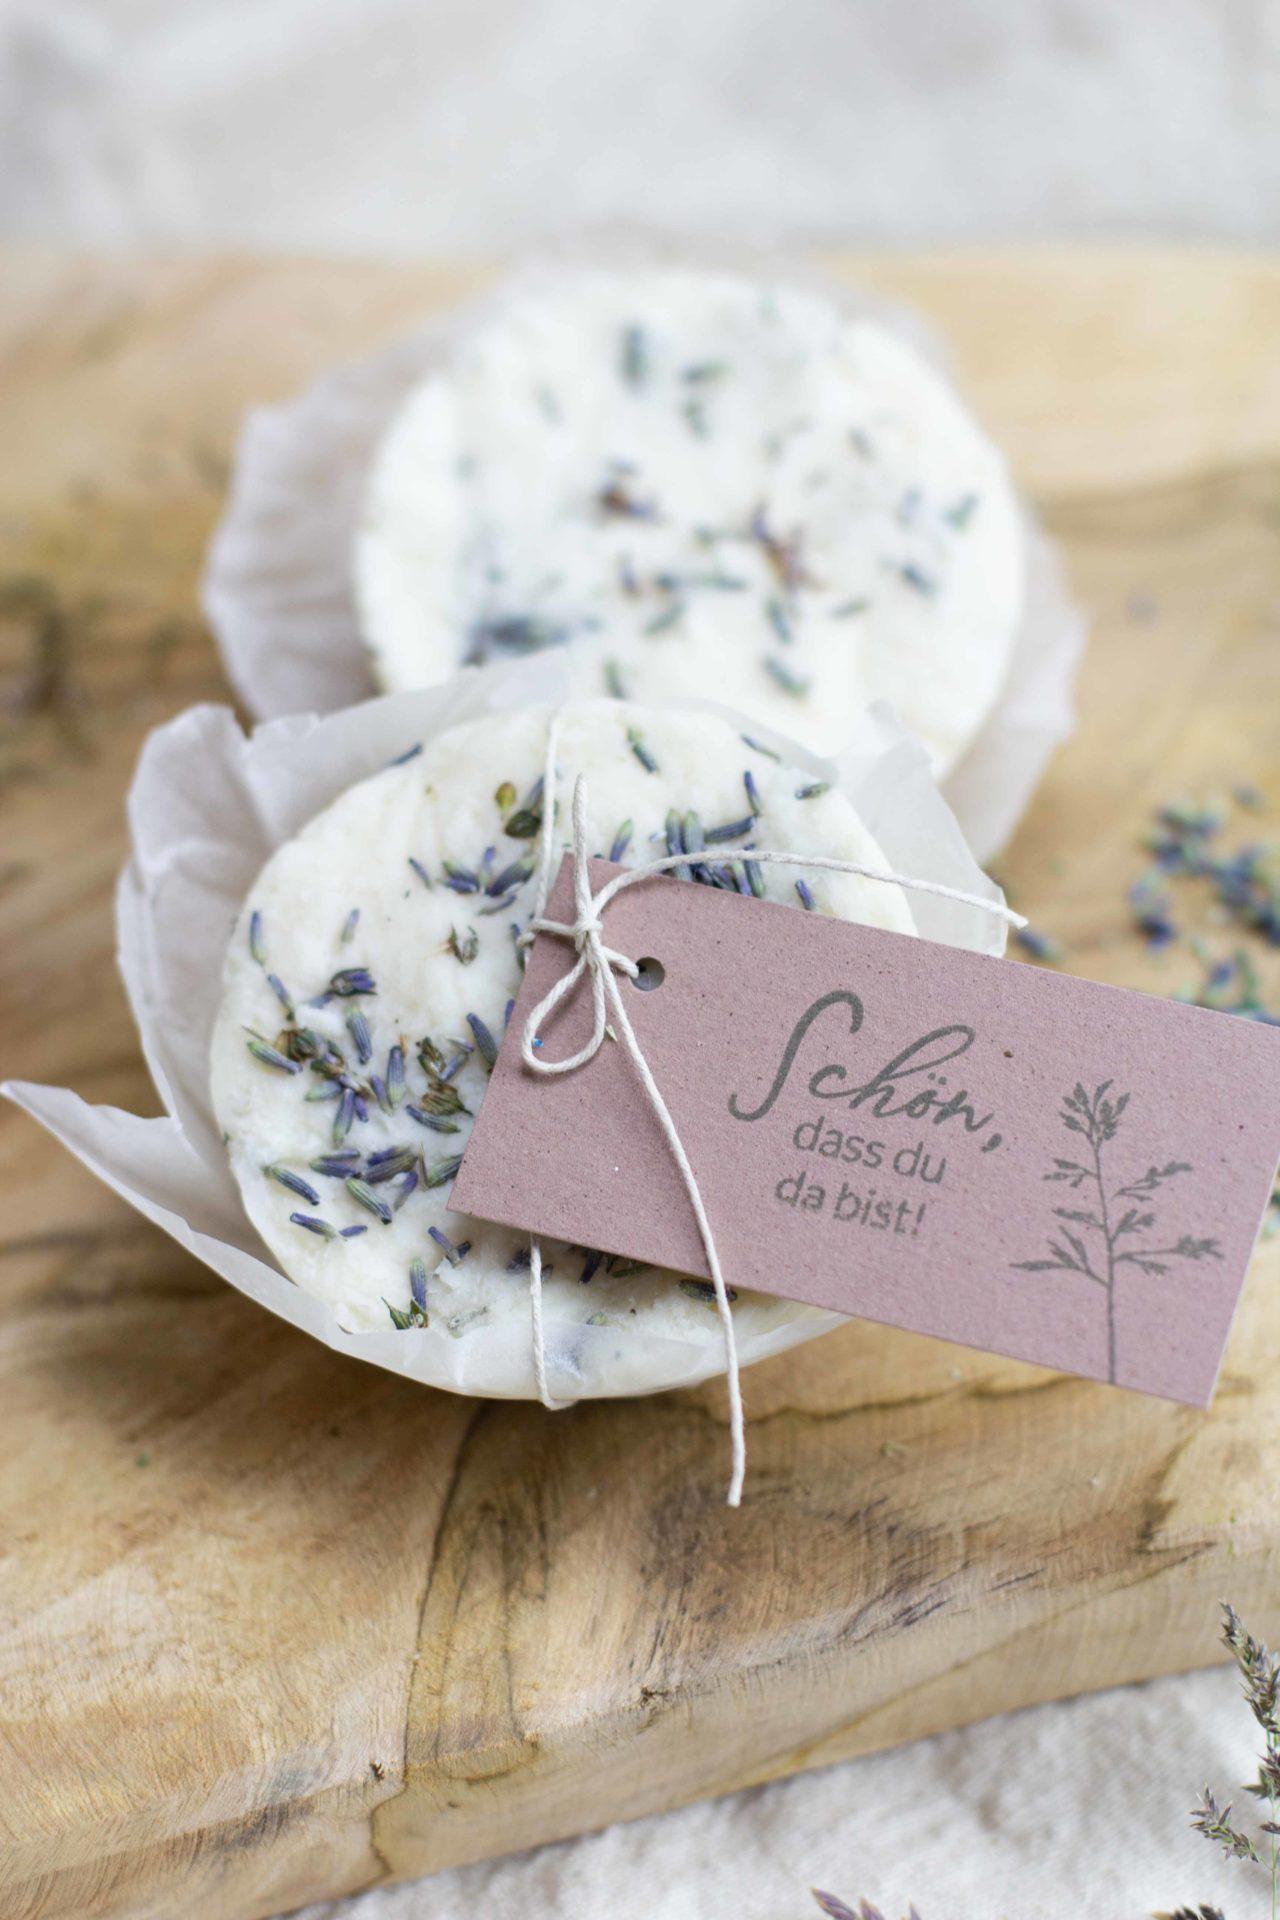 seife-selber-machen-gastgeschenk-diy-geschenk-idee-naturseife-lavendel